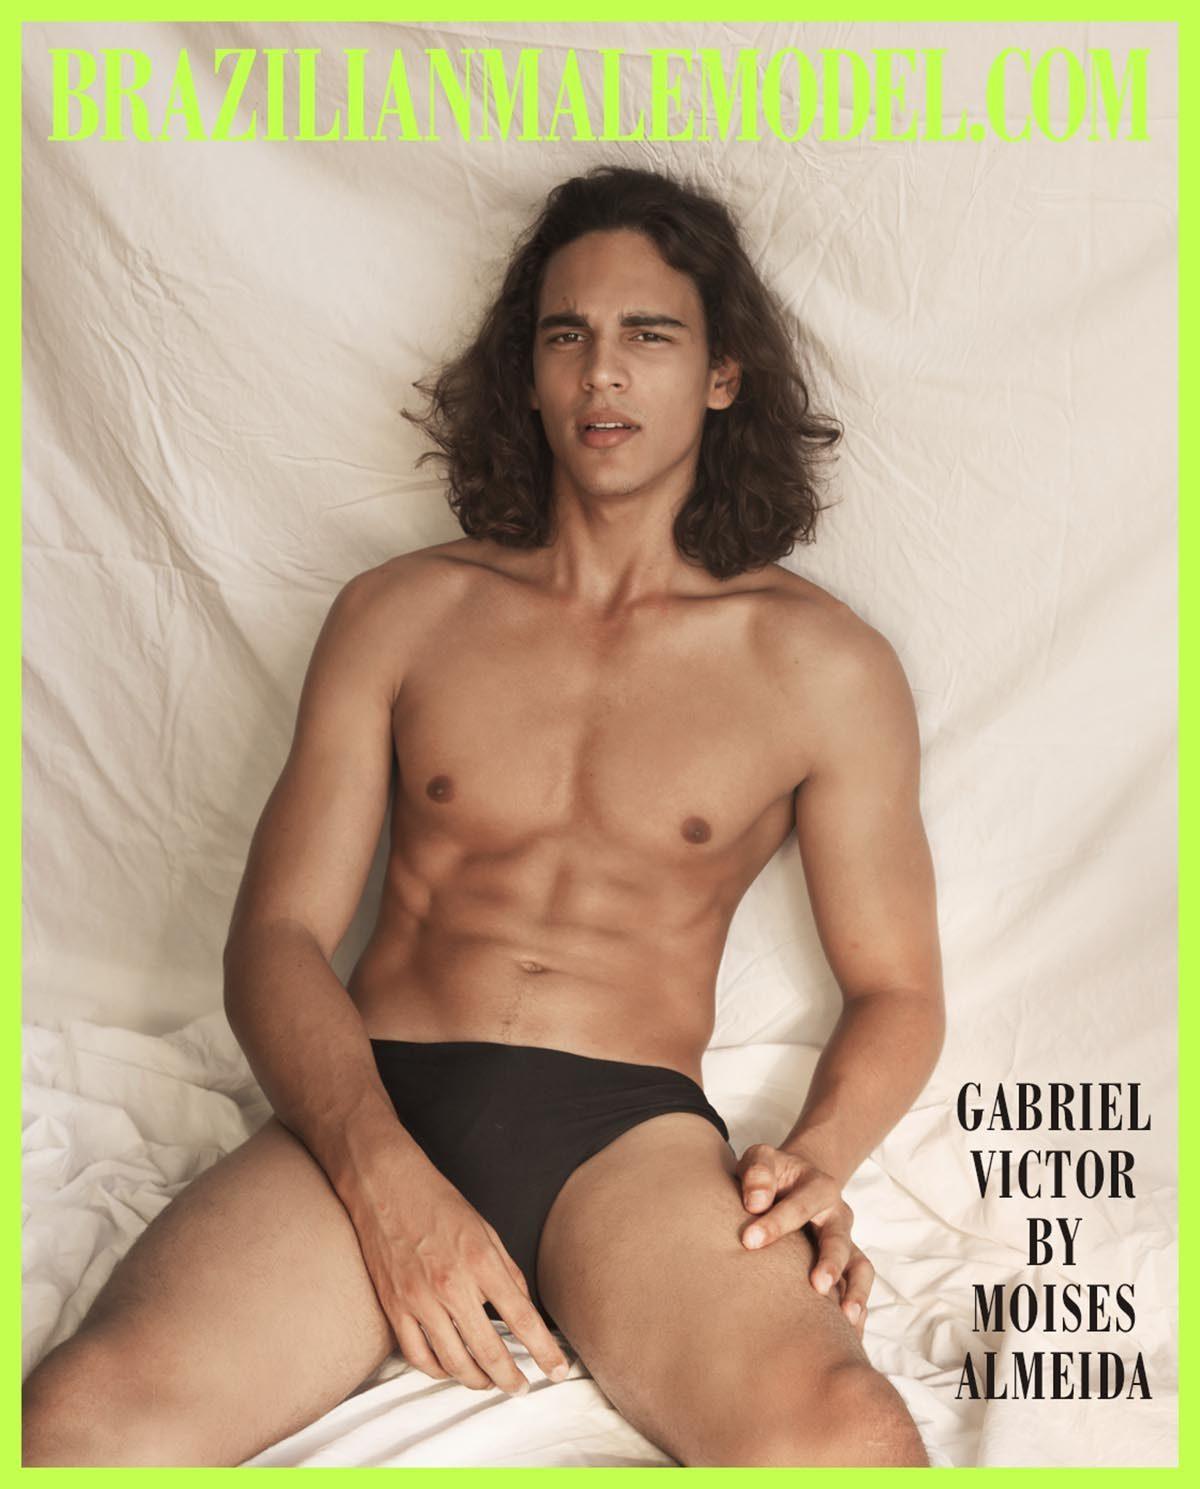 Gabriel Victor by Moises Almeida